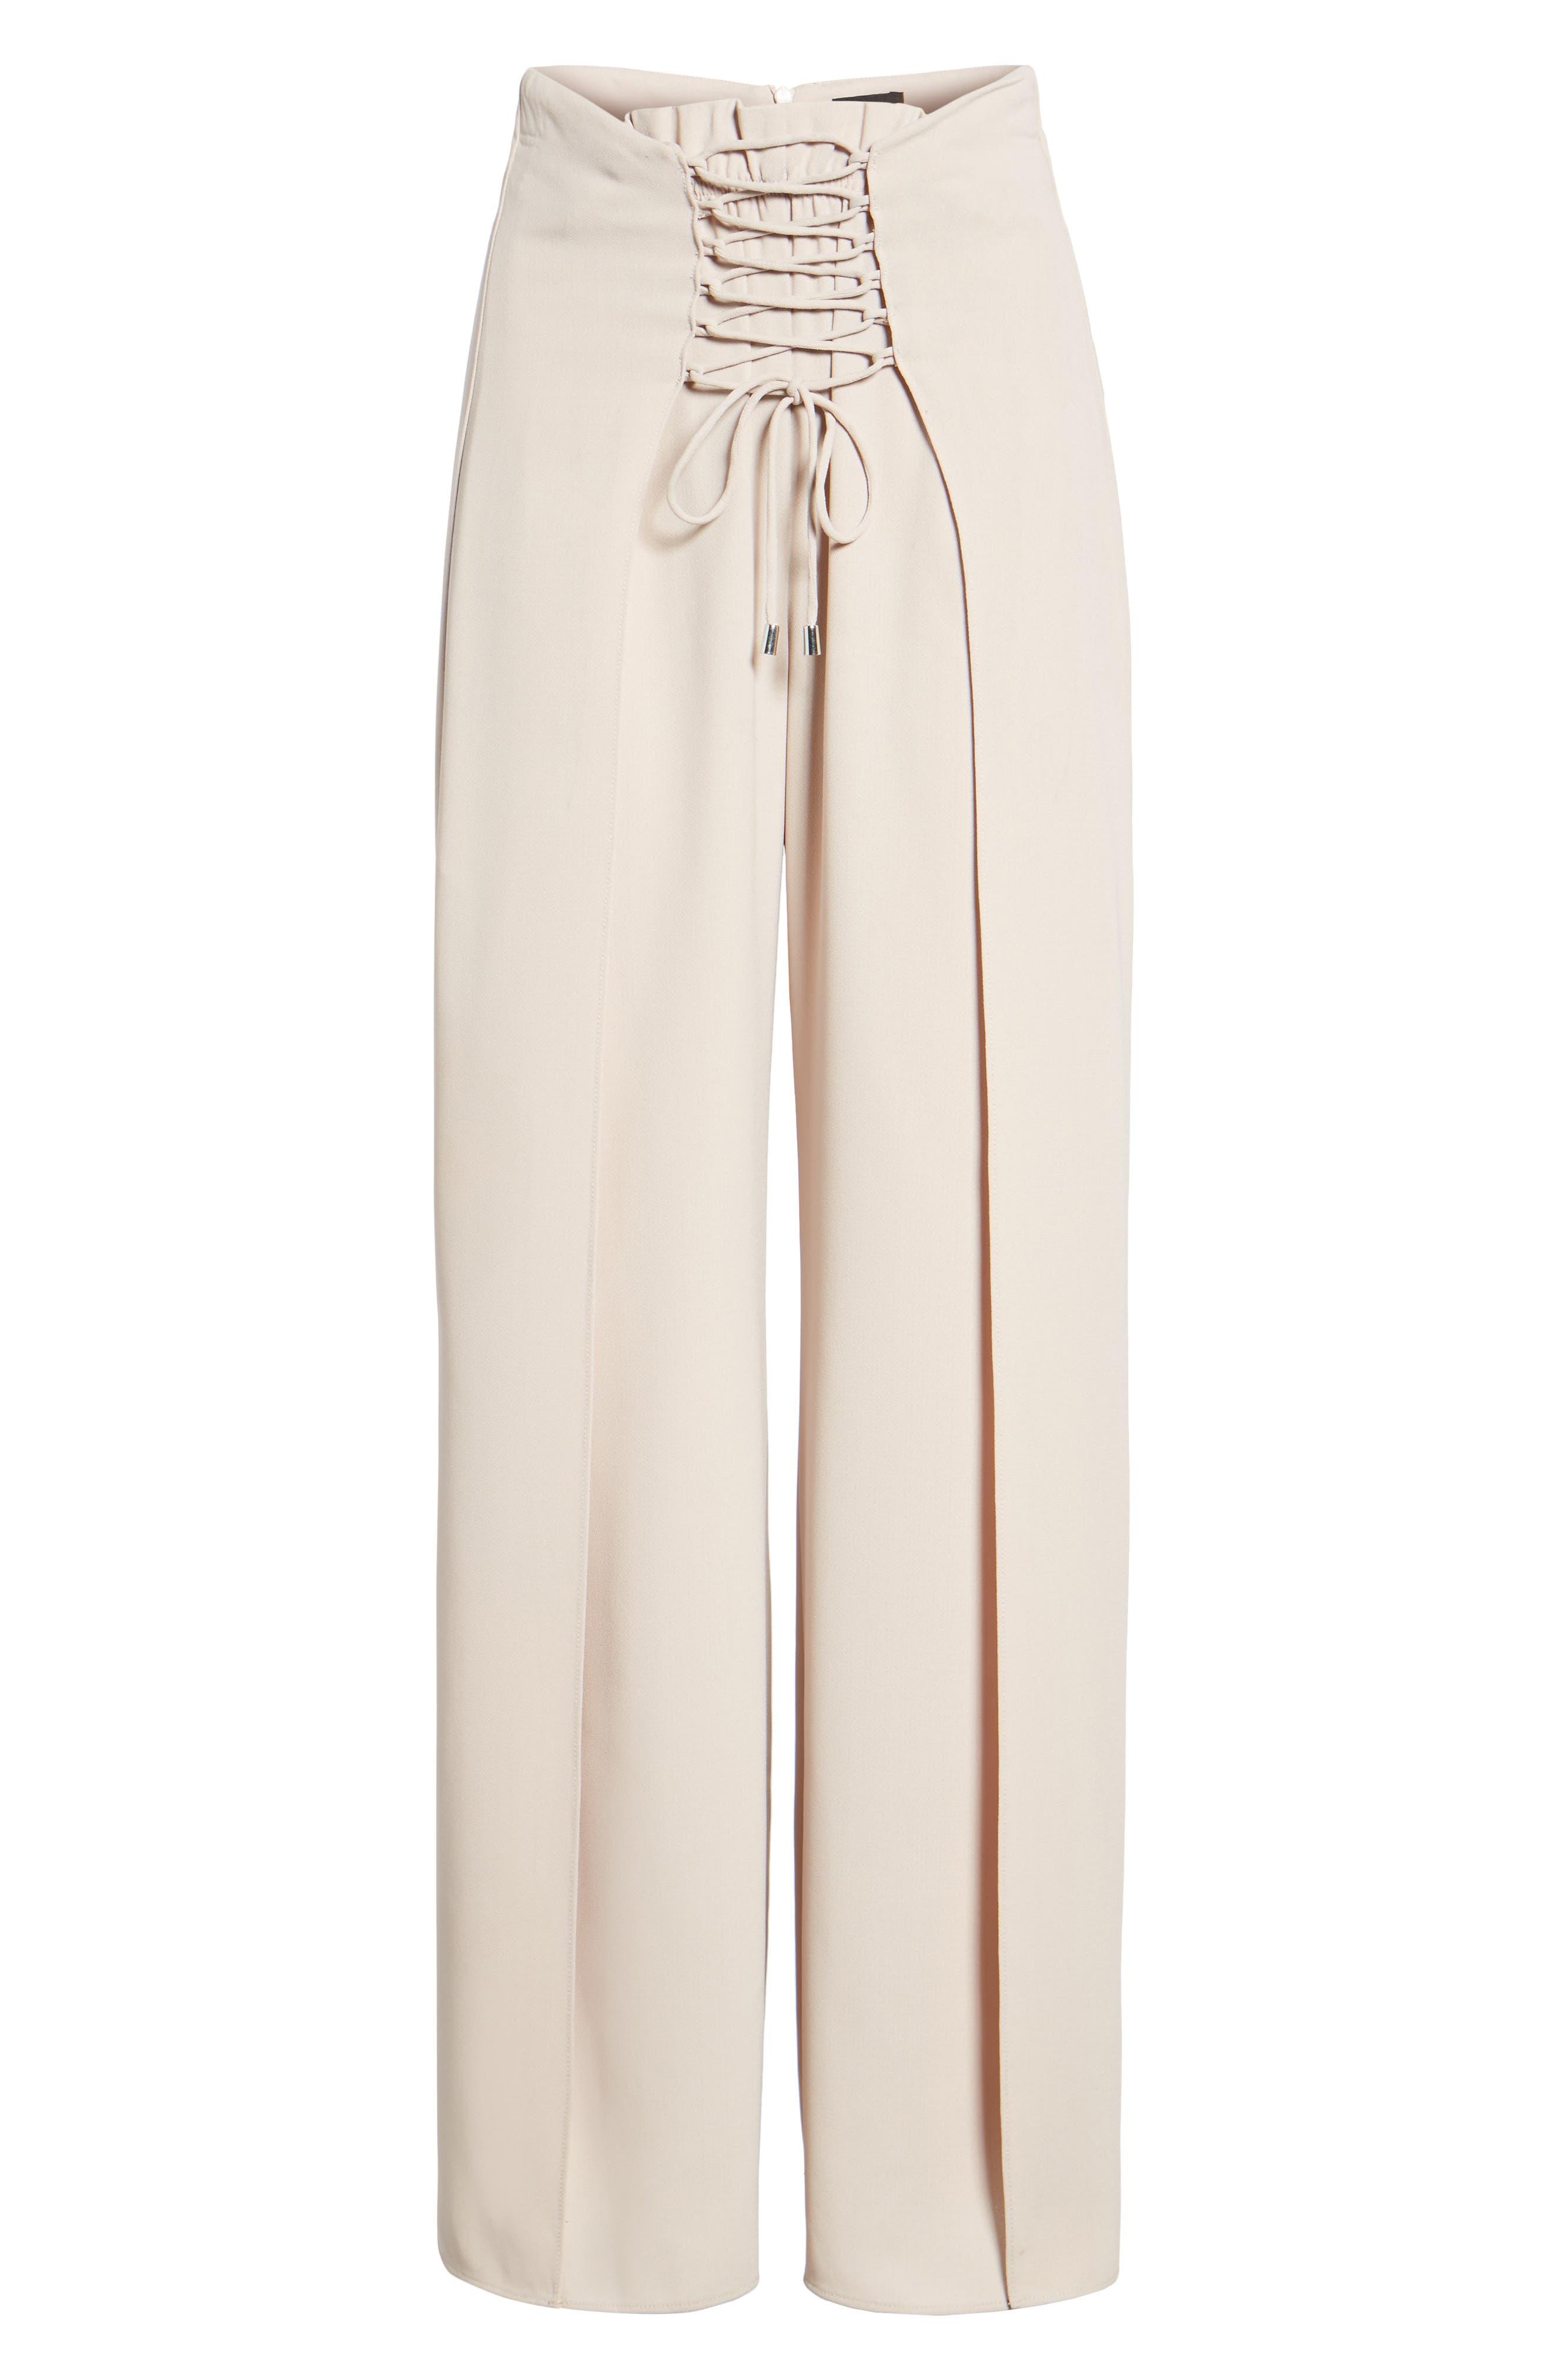 Corset Wide Leg Trousers,                             Alternate thumbnail 6, color,                             270